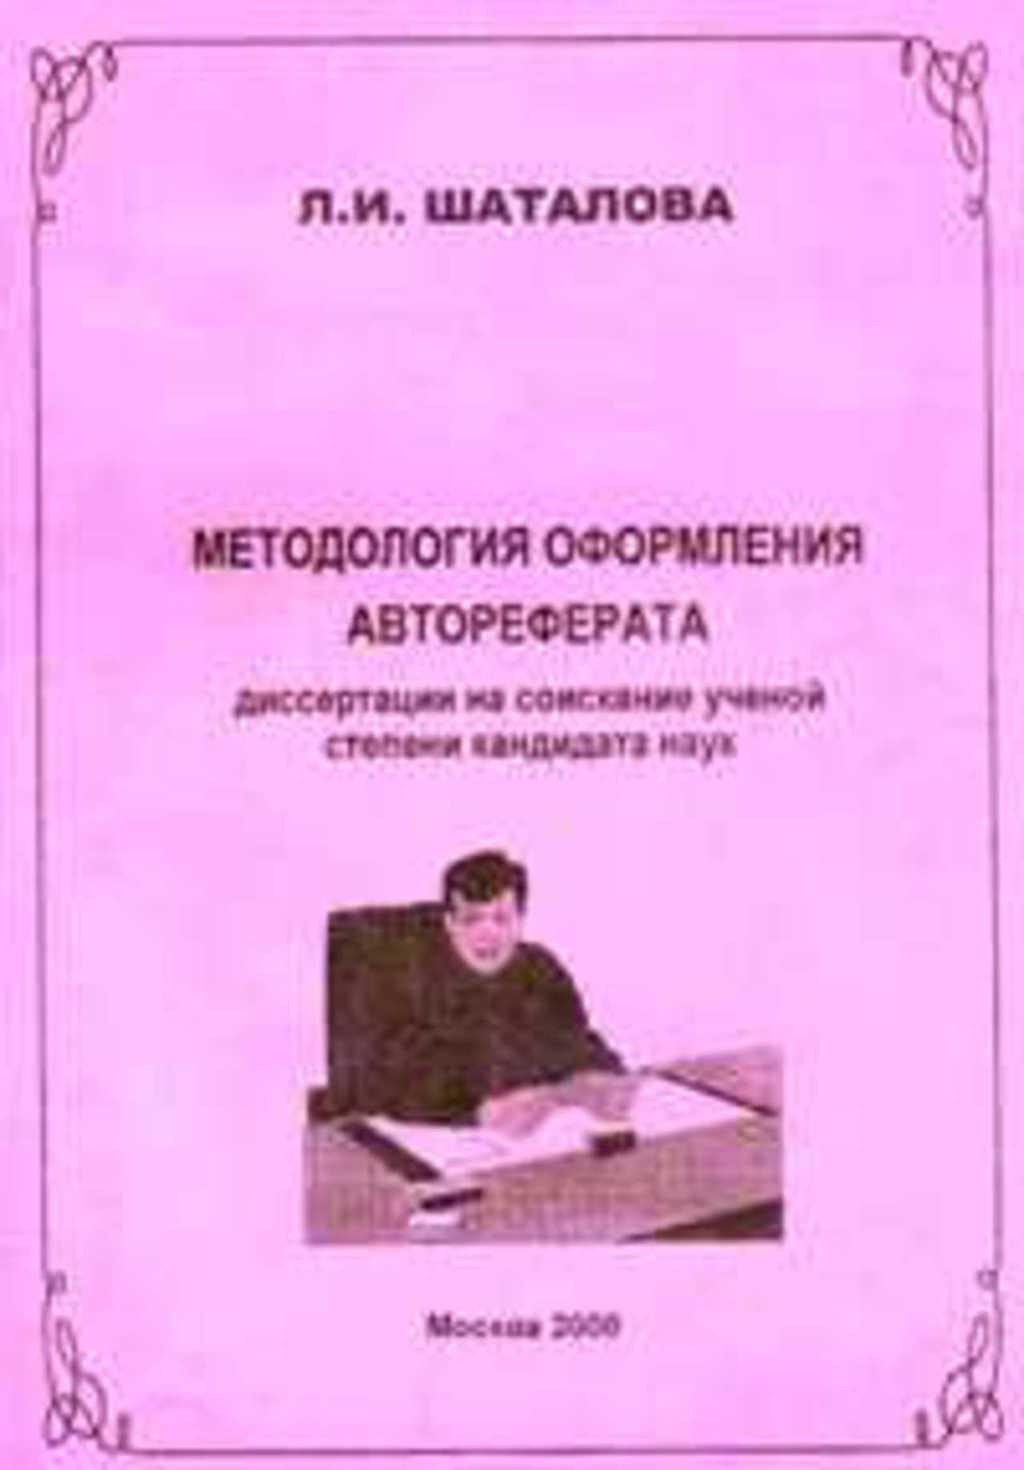 Титульный лист к Методология оформления автореферата Шаталовой Л.И. Москва 2008